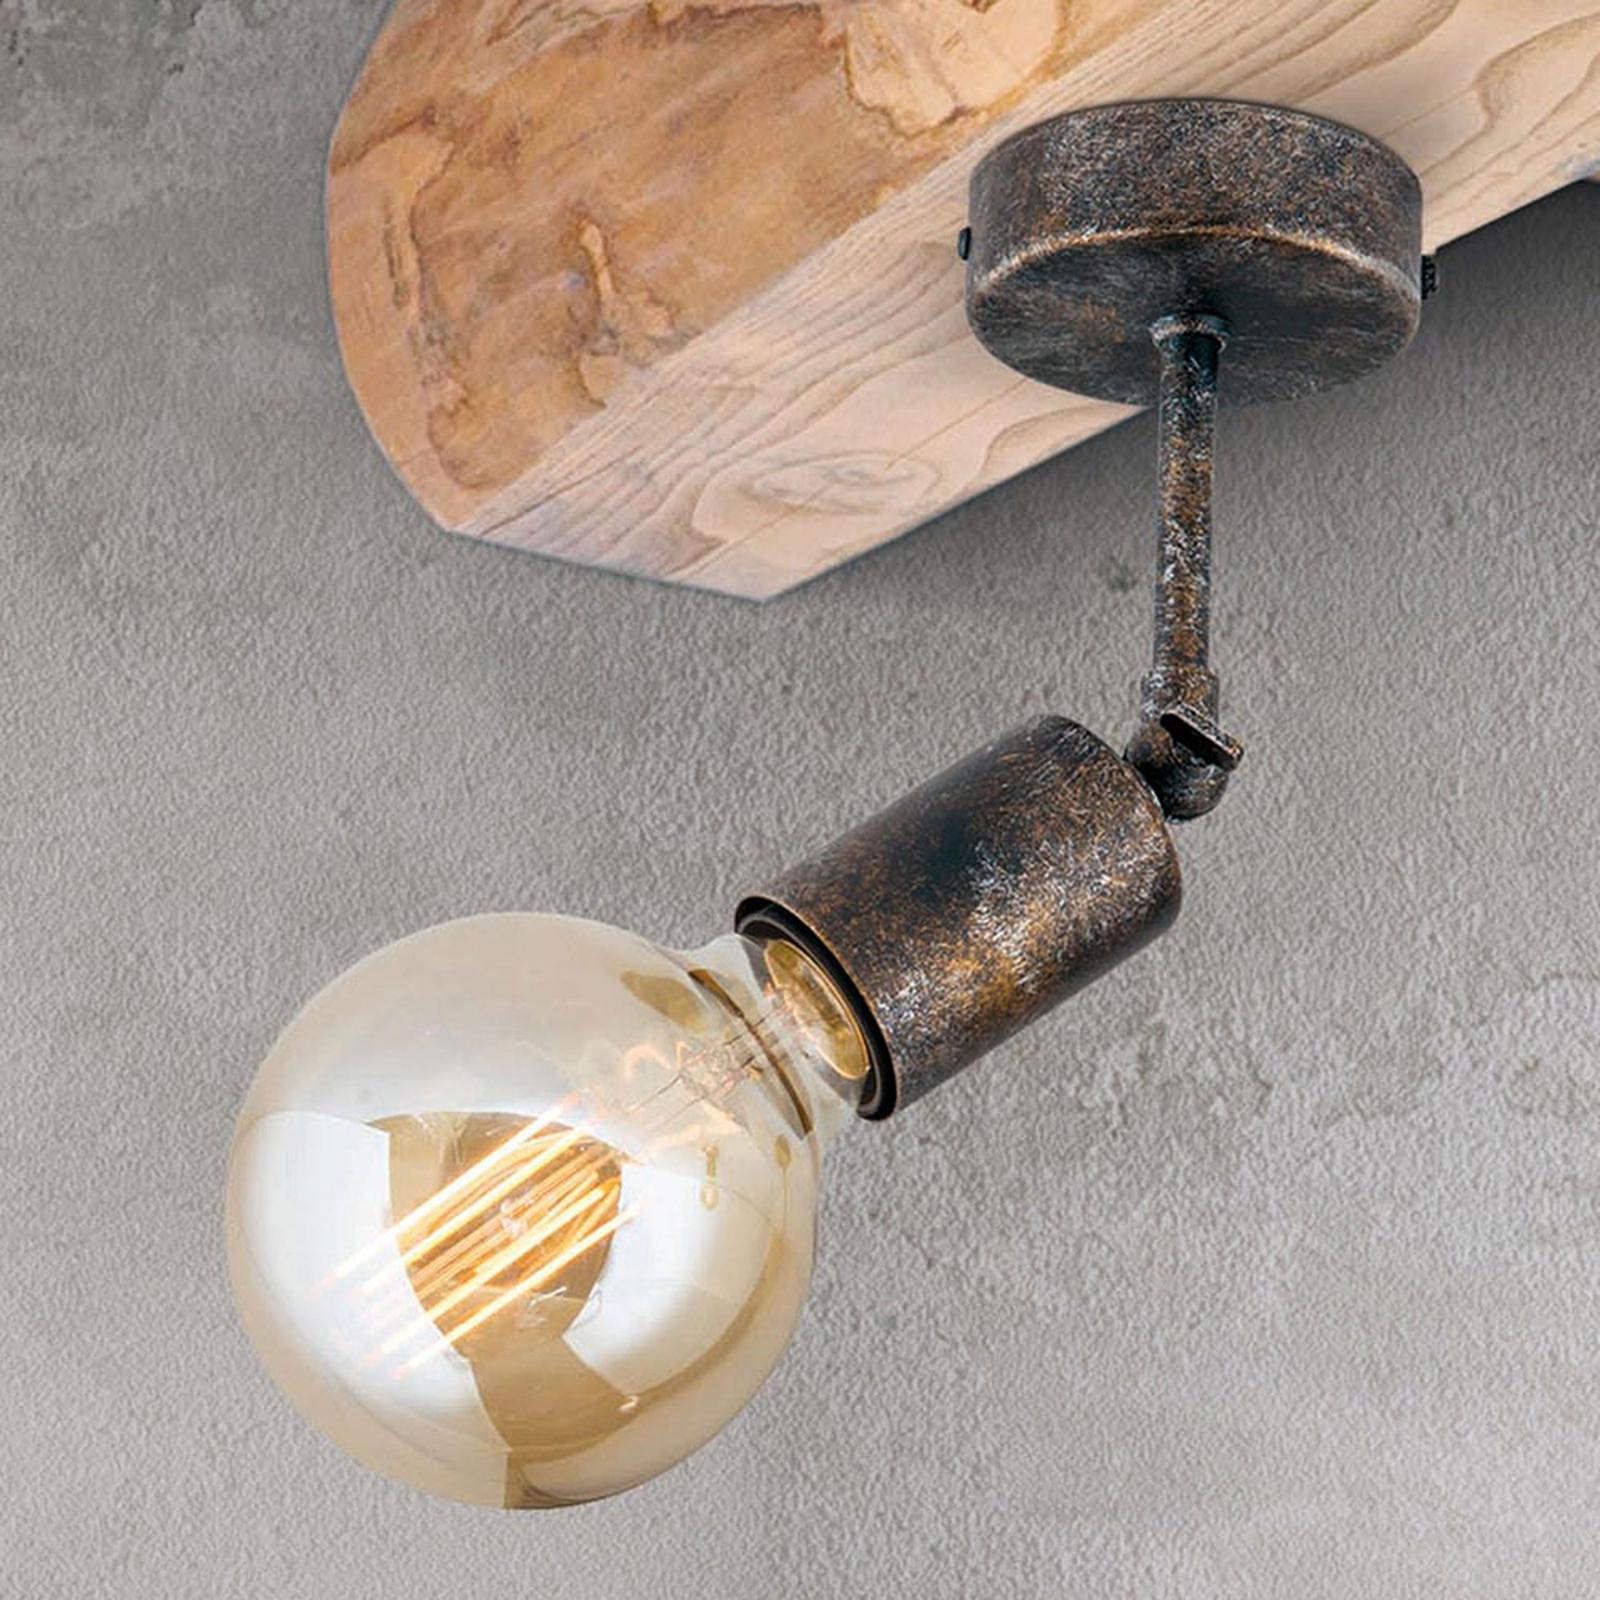 Beweeglijke plafondlamp Rati in vintage look